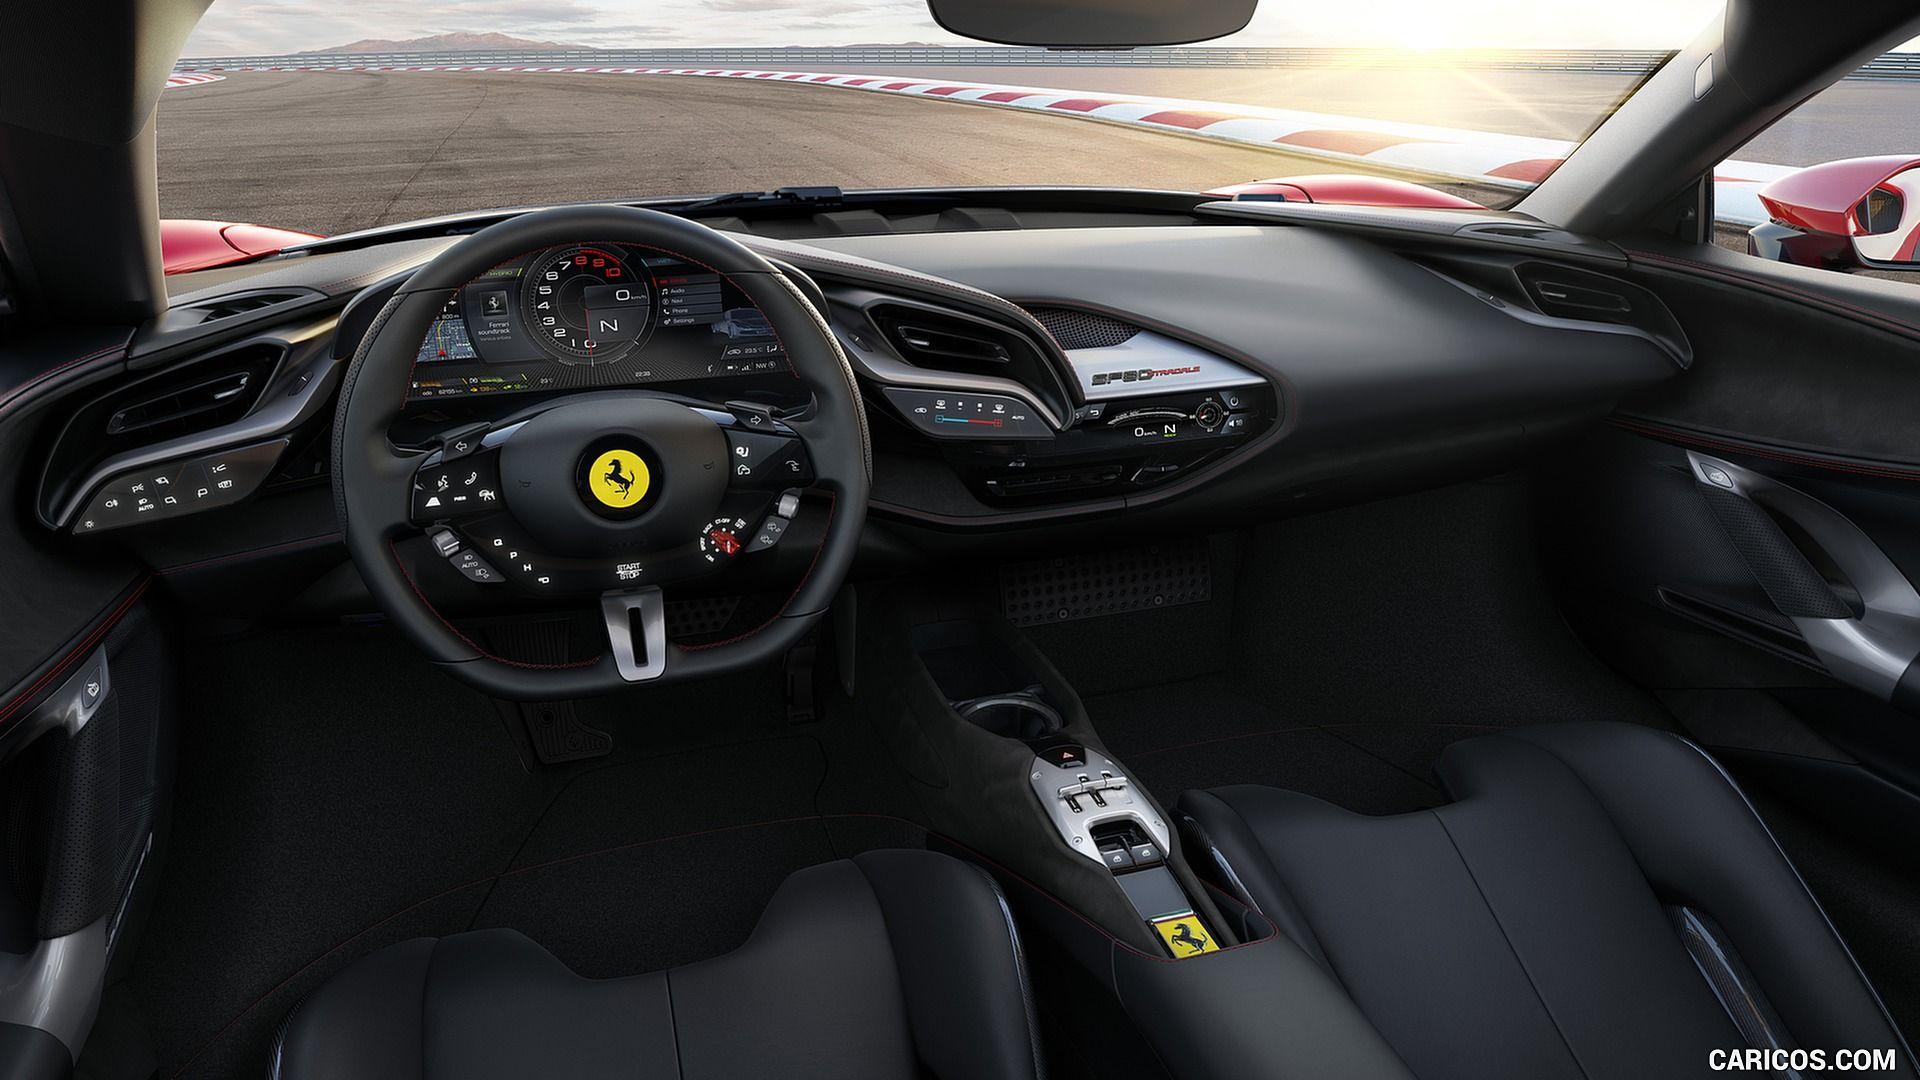 The Amazing Laferrari Hybrid Supercar With Images Ferrari